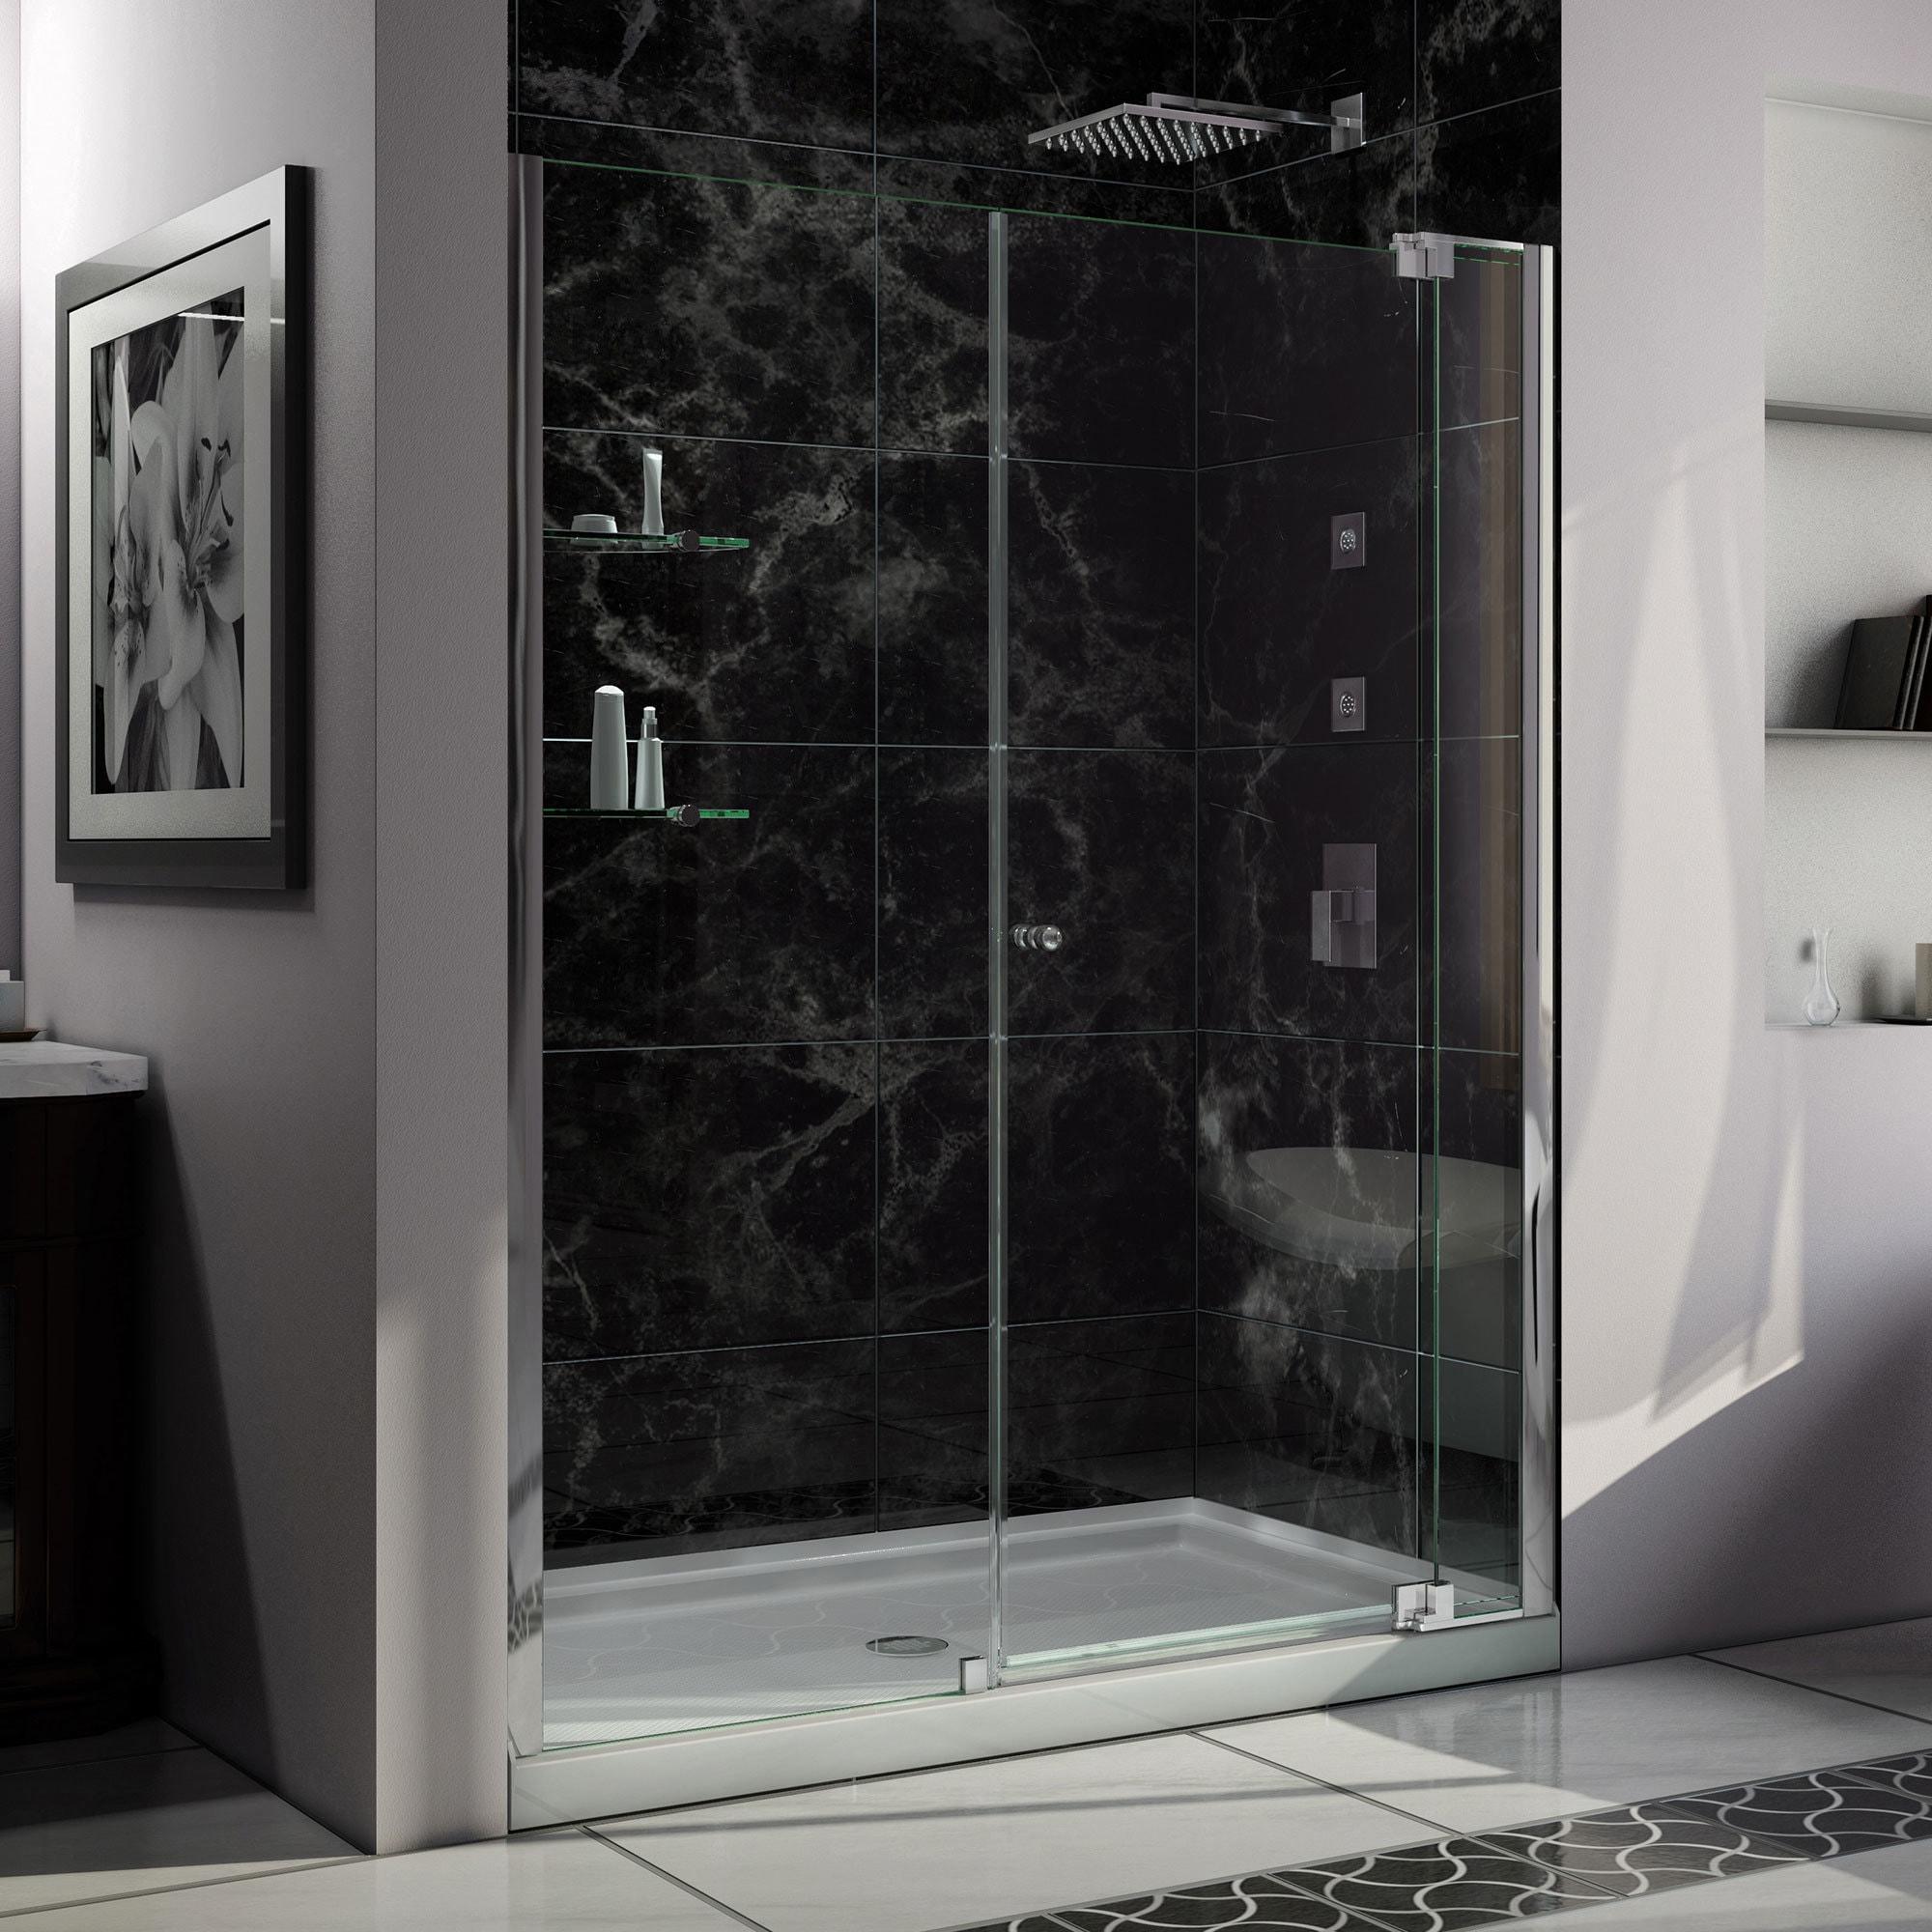 Dreamline Allure Frameless Pivot Shower Door and SlimLine...